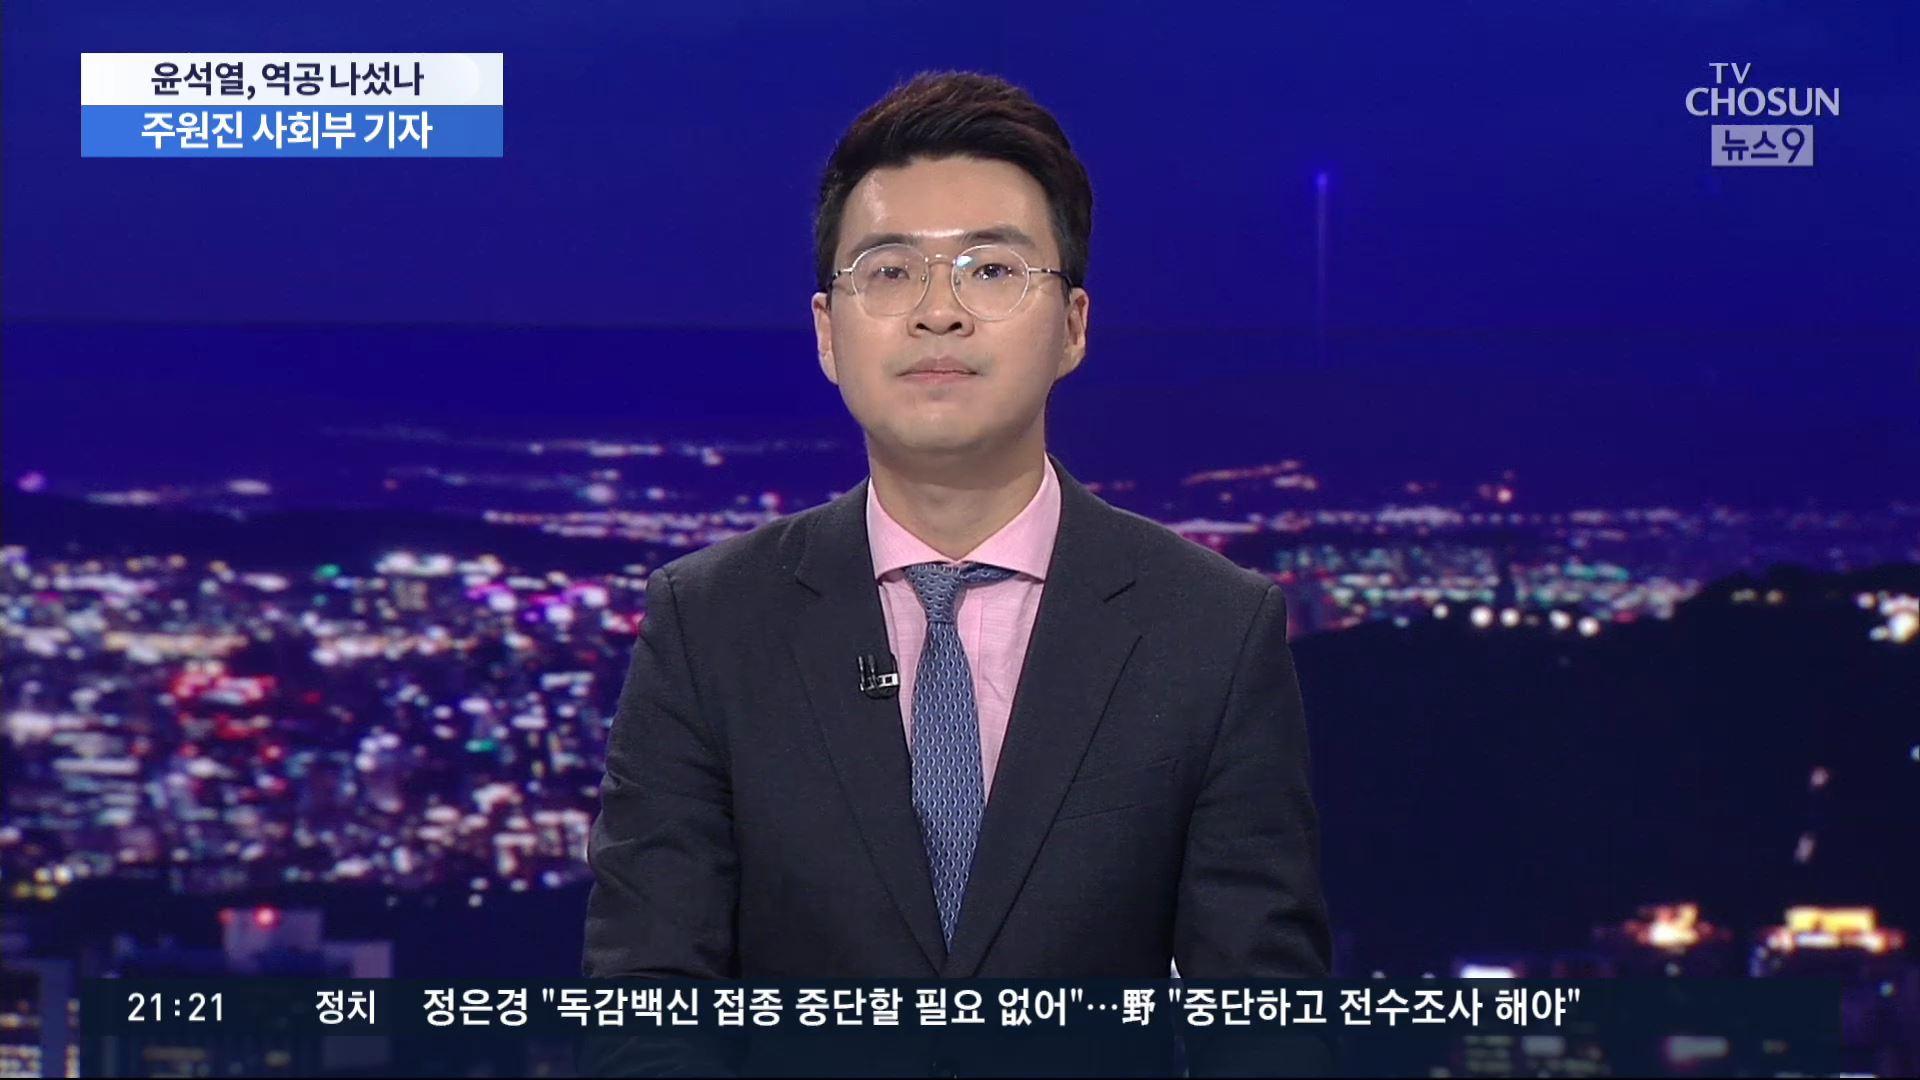 윤석열 작심 발언·남부지검장 돌연 사임 배경은